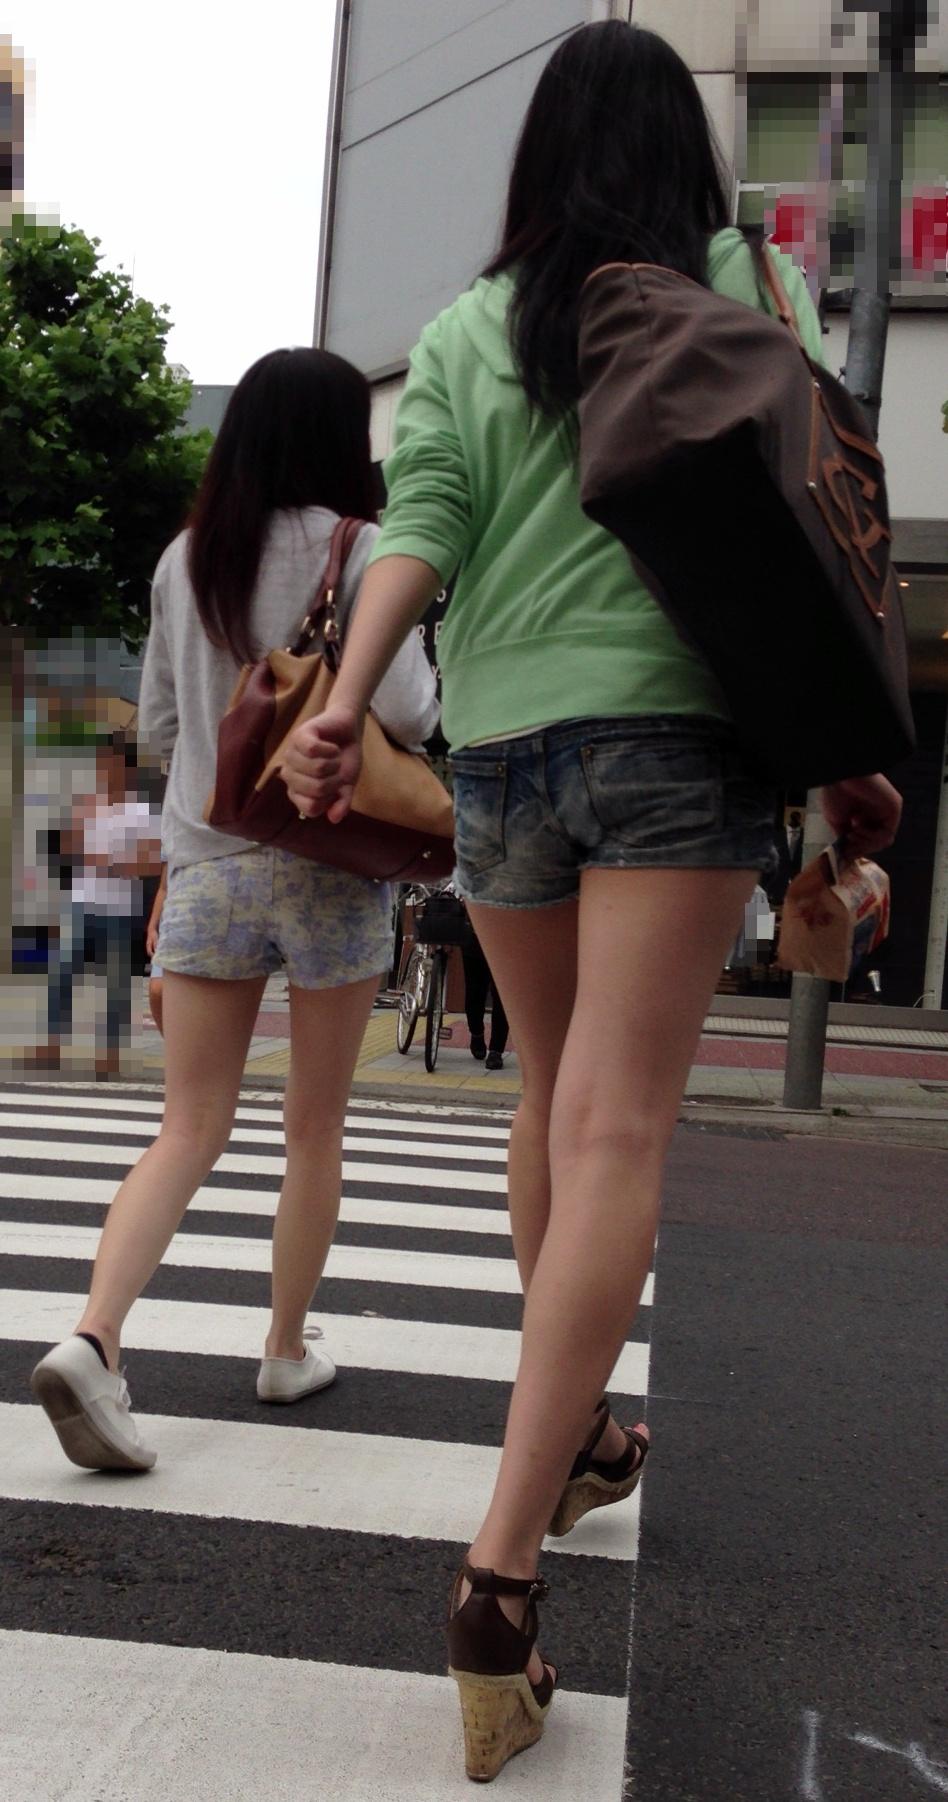 【ショーパンエロ画像】眩過ぎる生ハミ尻…ショーパンがとても似合う街の美脚www 30